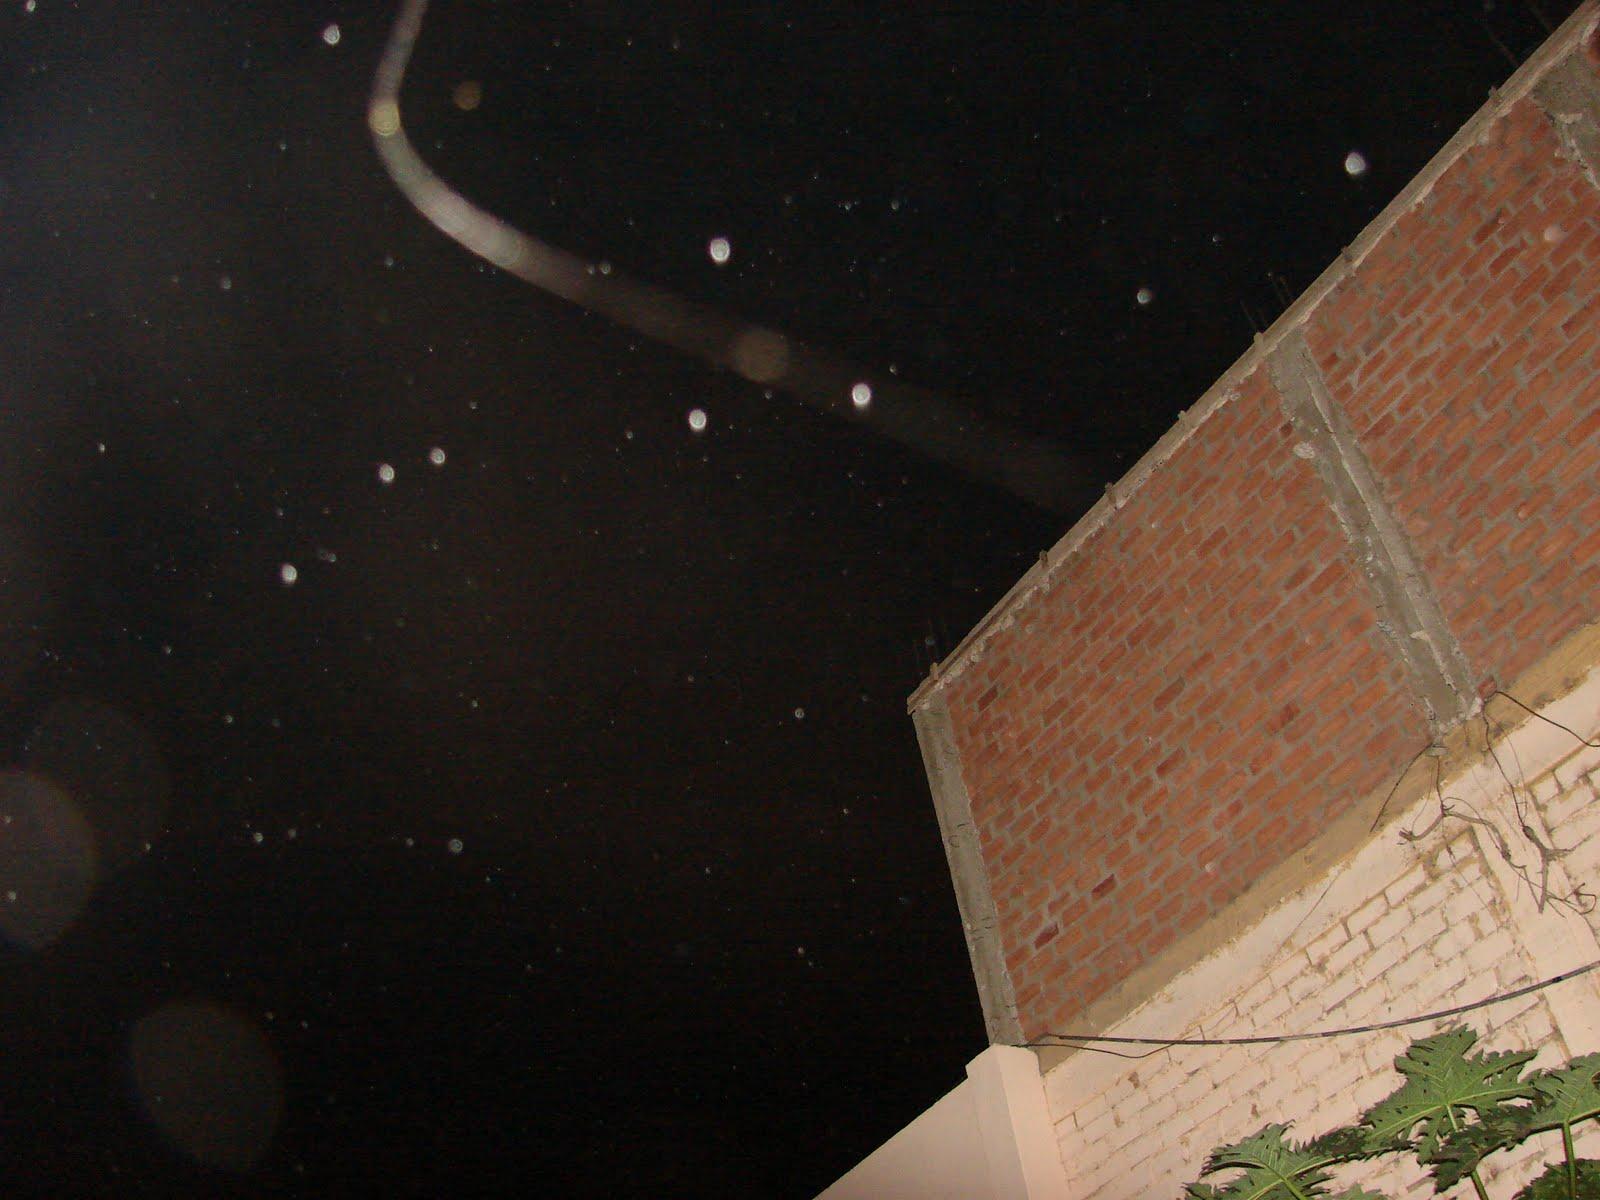 ATENCION-10-julio-11-12-13...2011 Avistamiento Ovni muestra la ruta al Cielo de Facundo Cabral AMEN